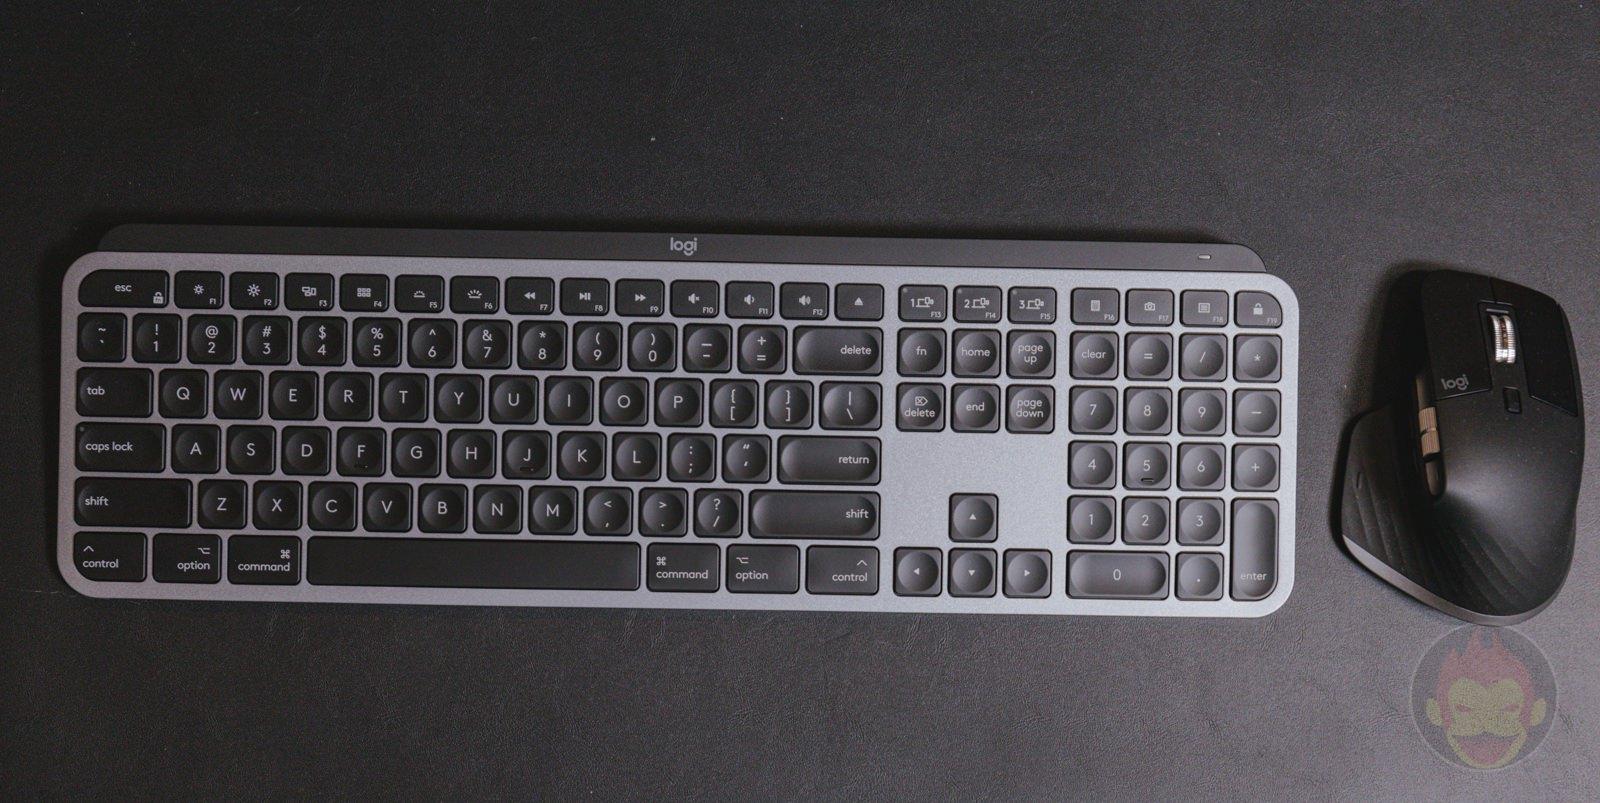 Logicool-KX800M-MX-KEYS-for-Mac-01.jpg